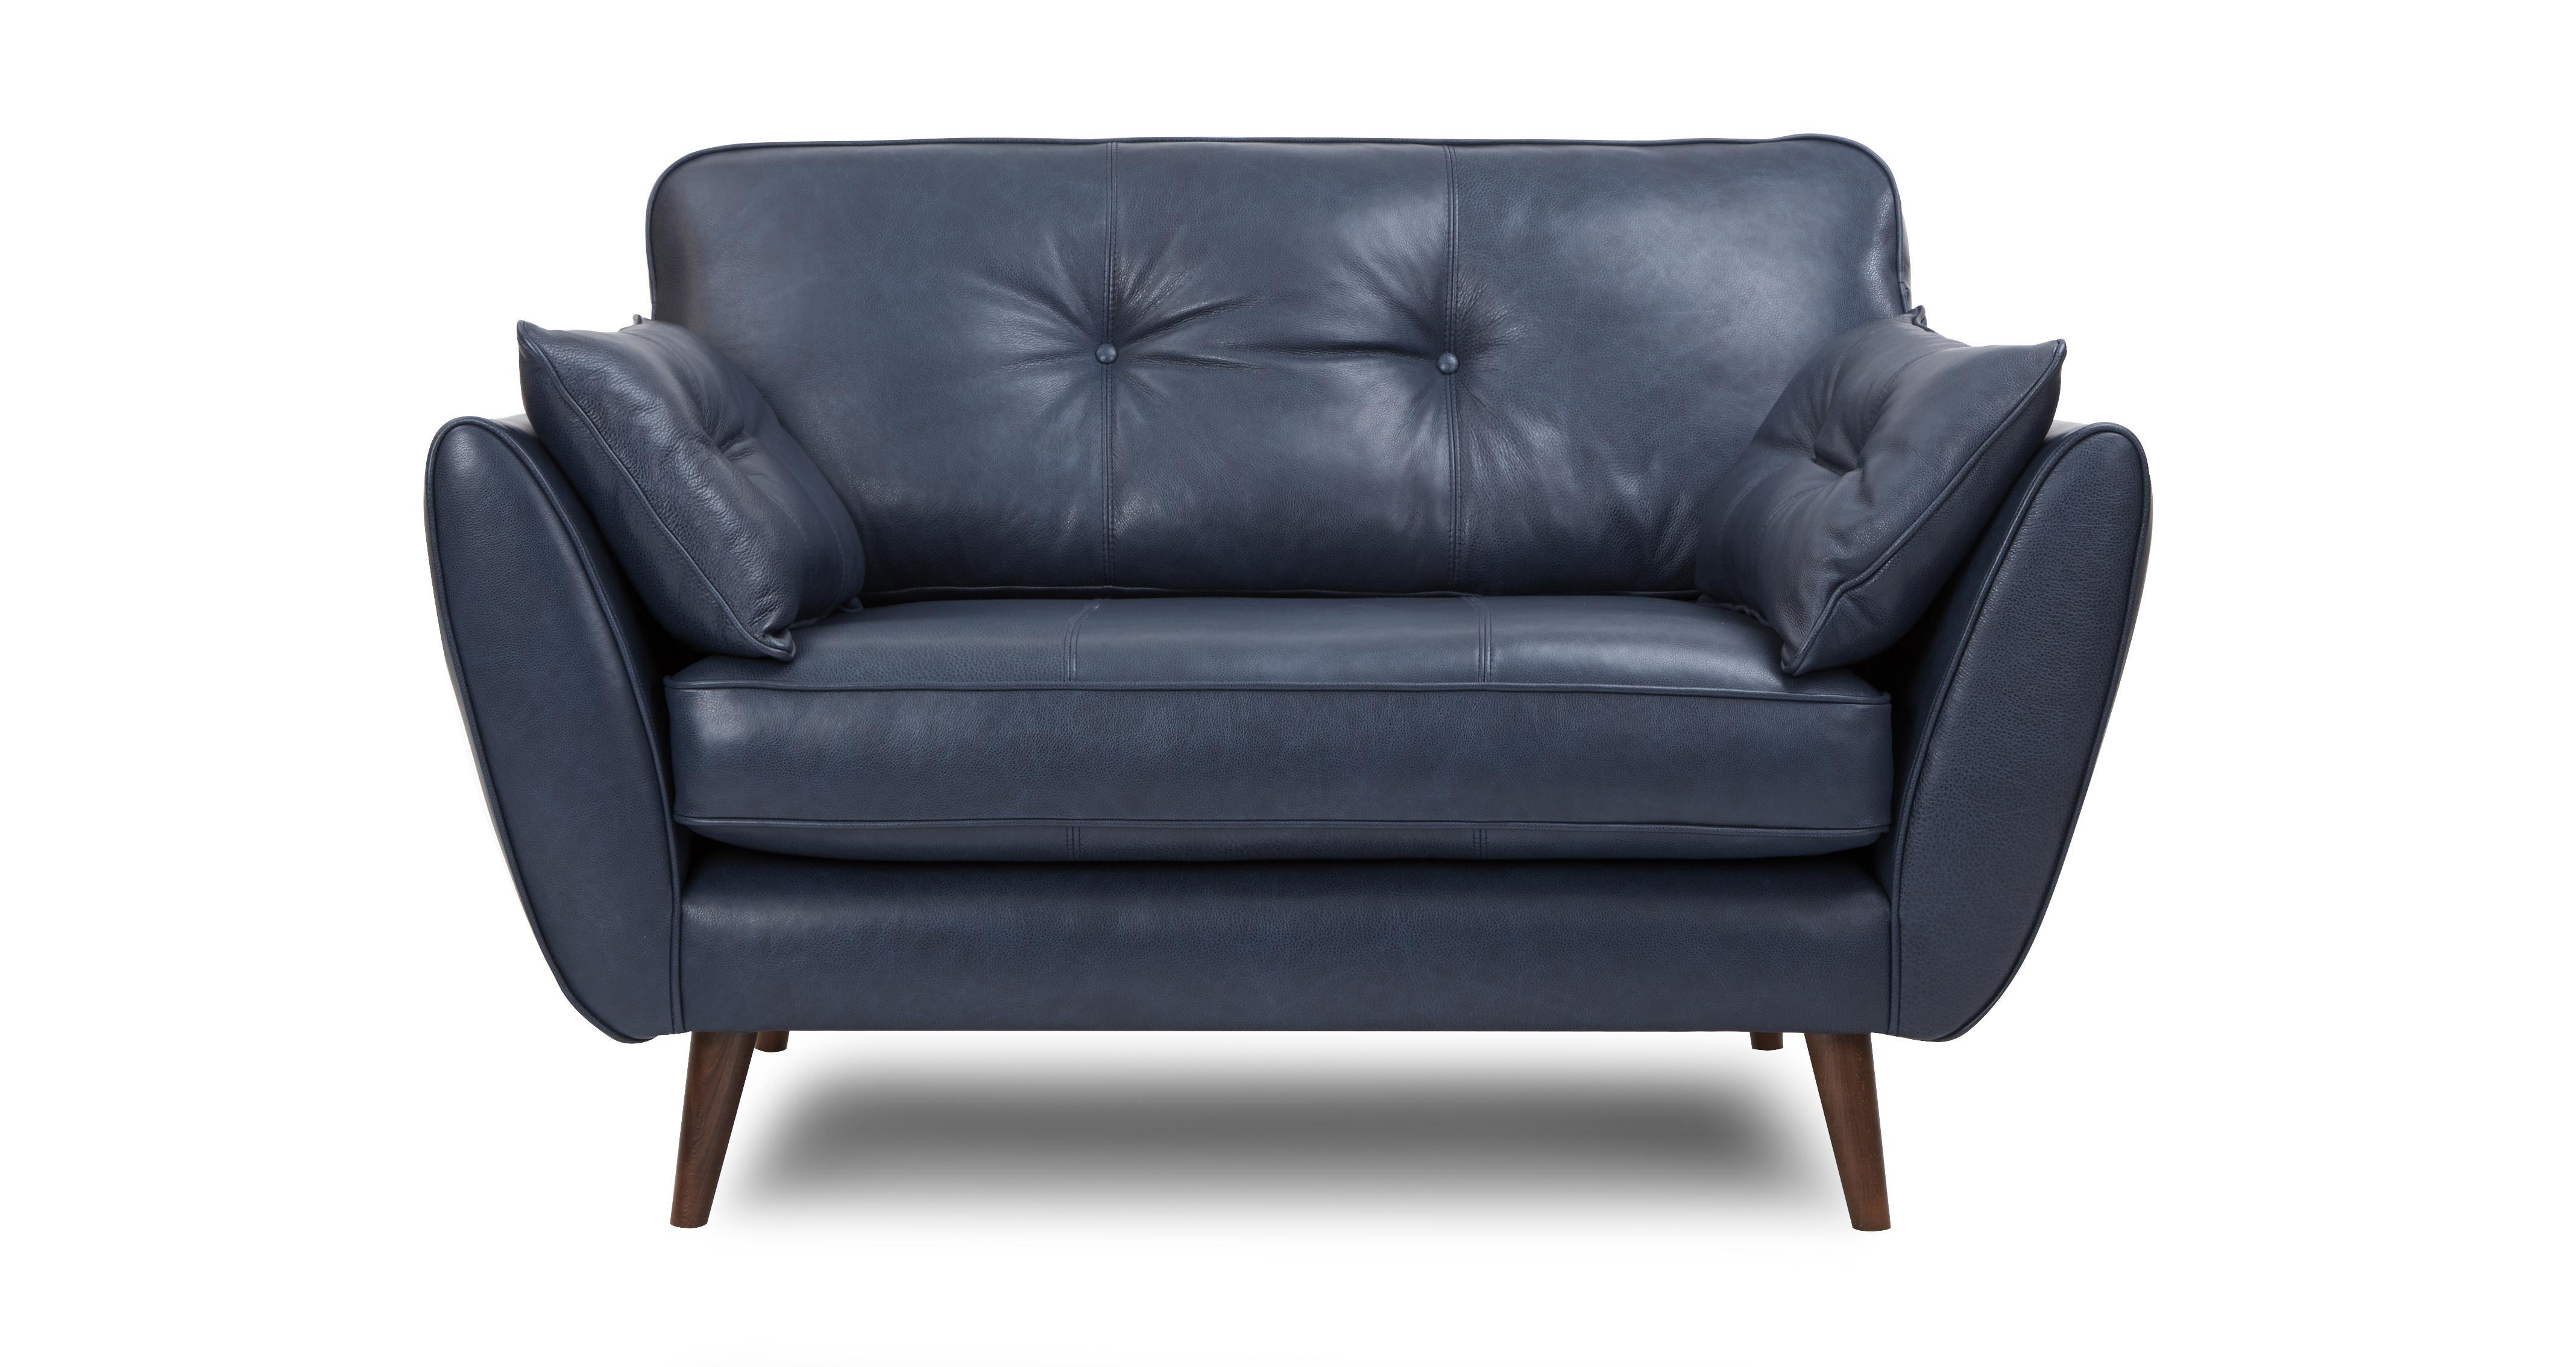 Zinc Leather Cuddler Sofa | DFS